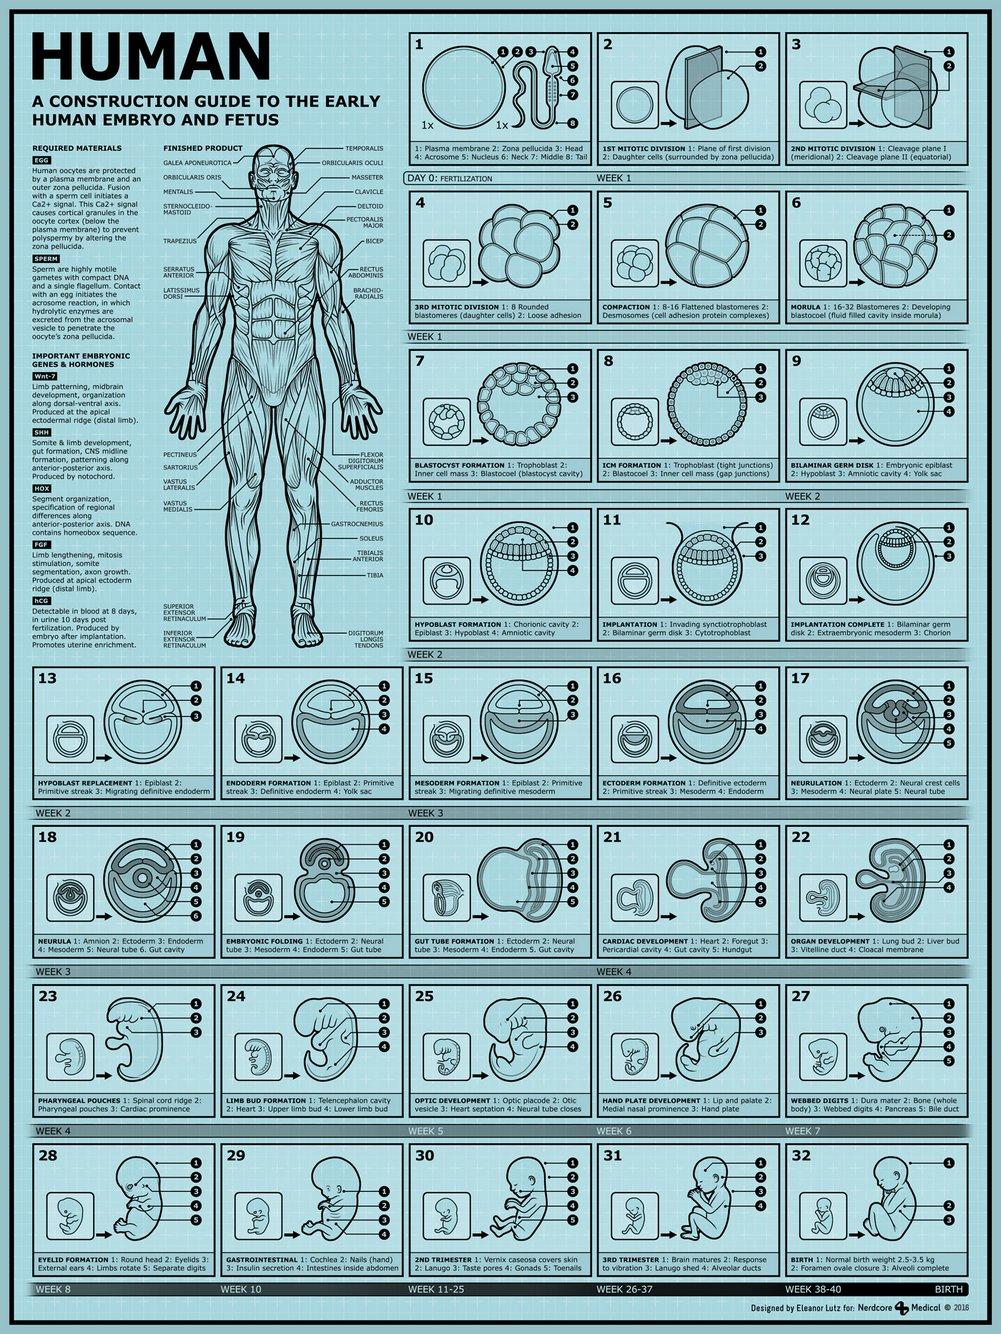 een bouwhandleiding voor het menselijke embryo